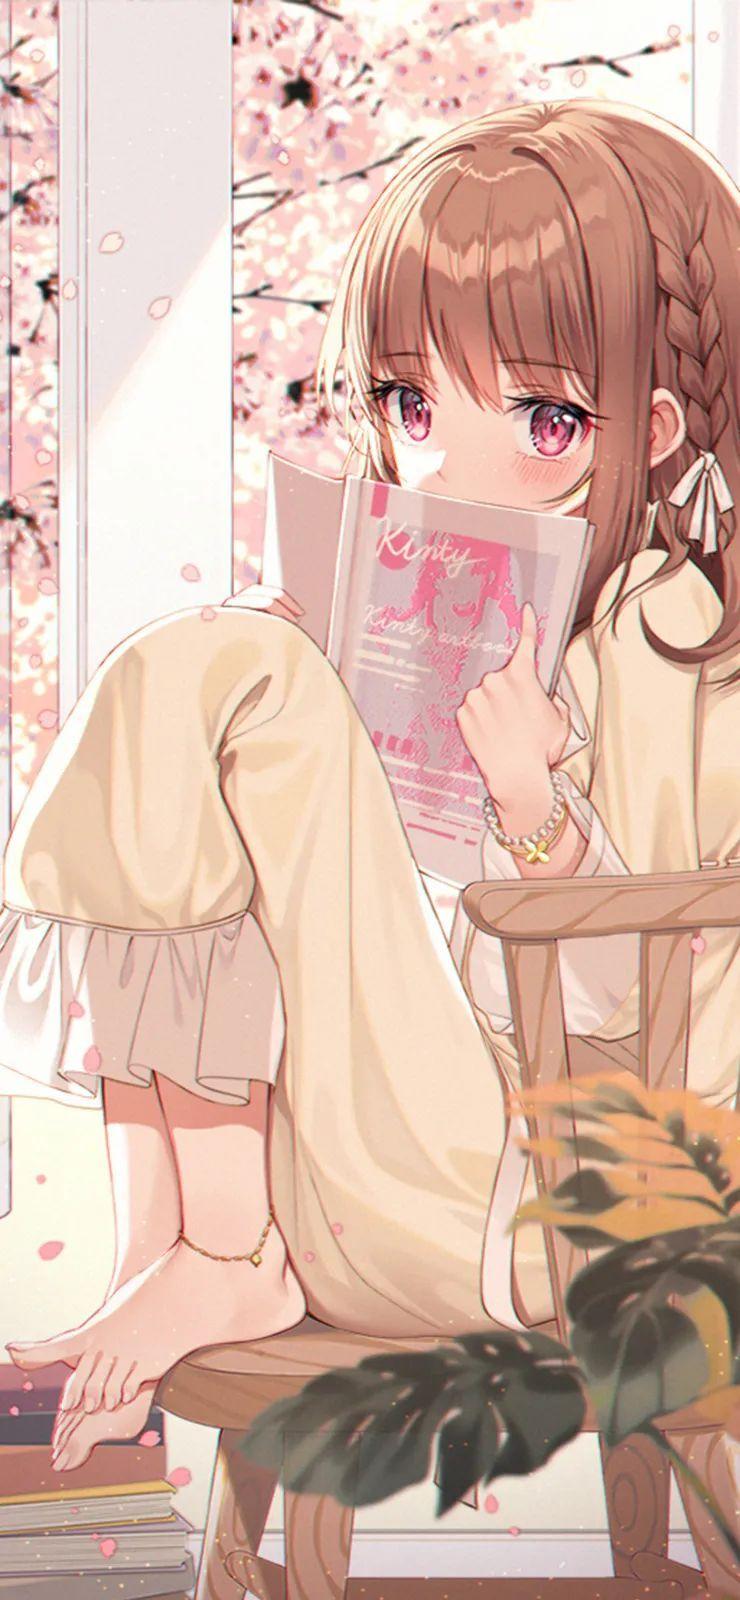 【二次元动漫壁纸集】优质动漫壁纸,金发双马尾JK短裙少女太好看了_图片 No.5